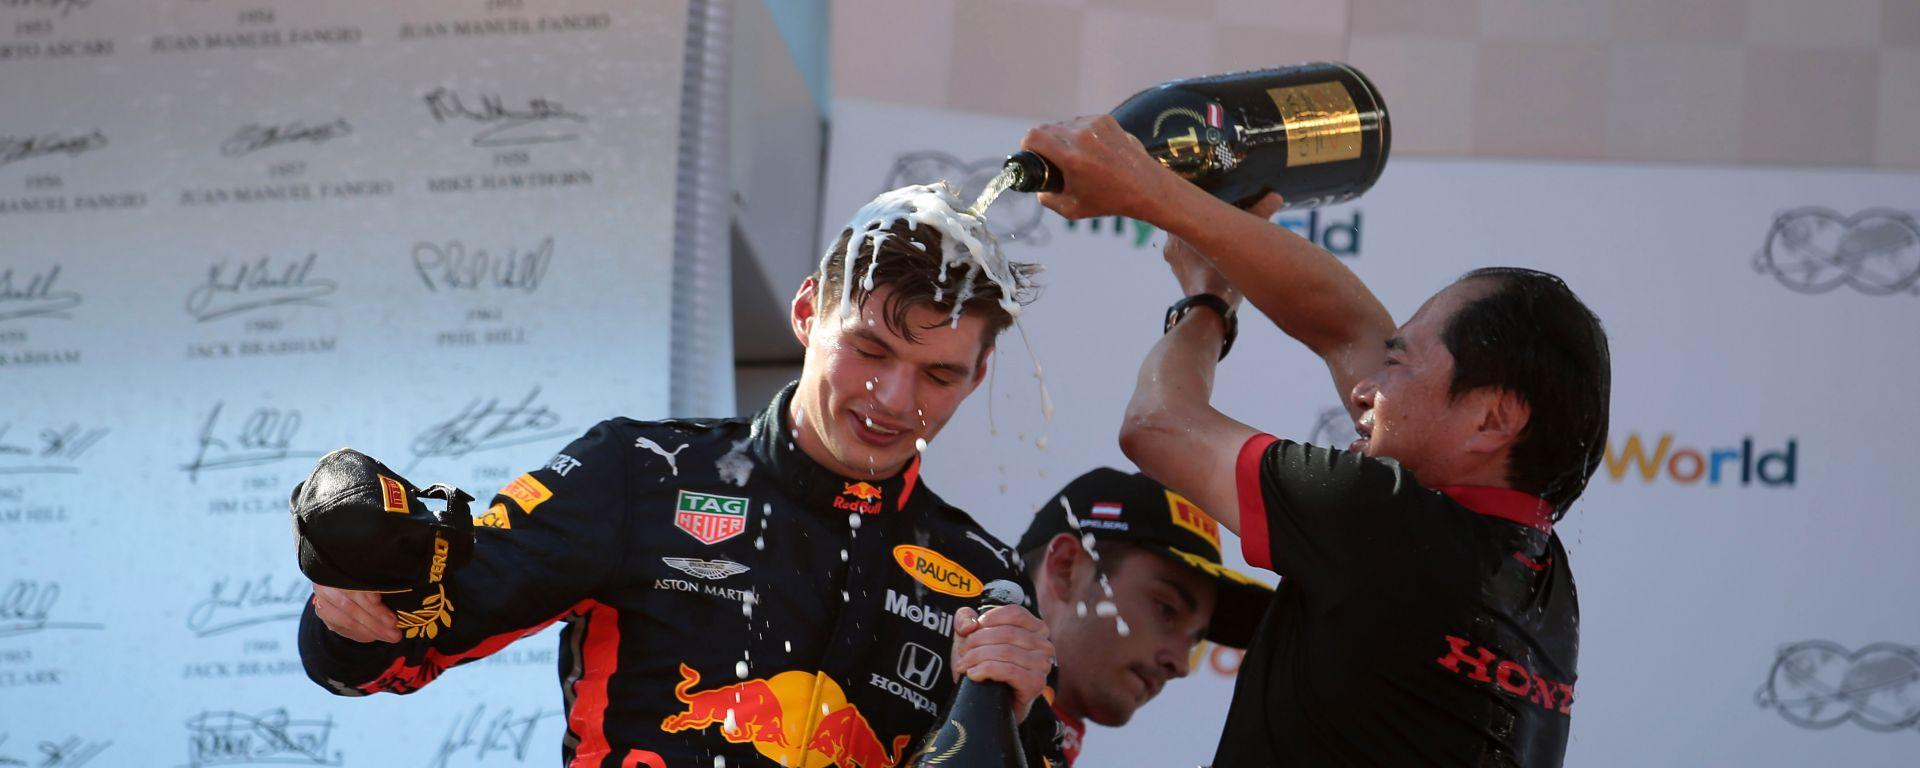 F1, GP Austrai 2019: Max Verstappen (Red Bull) festeggiato dopo il successo da Masashi Yamamoto (Honda)